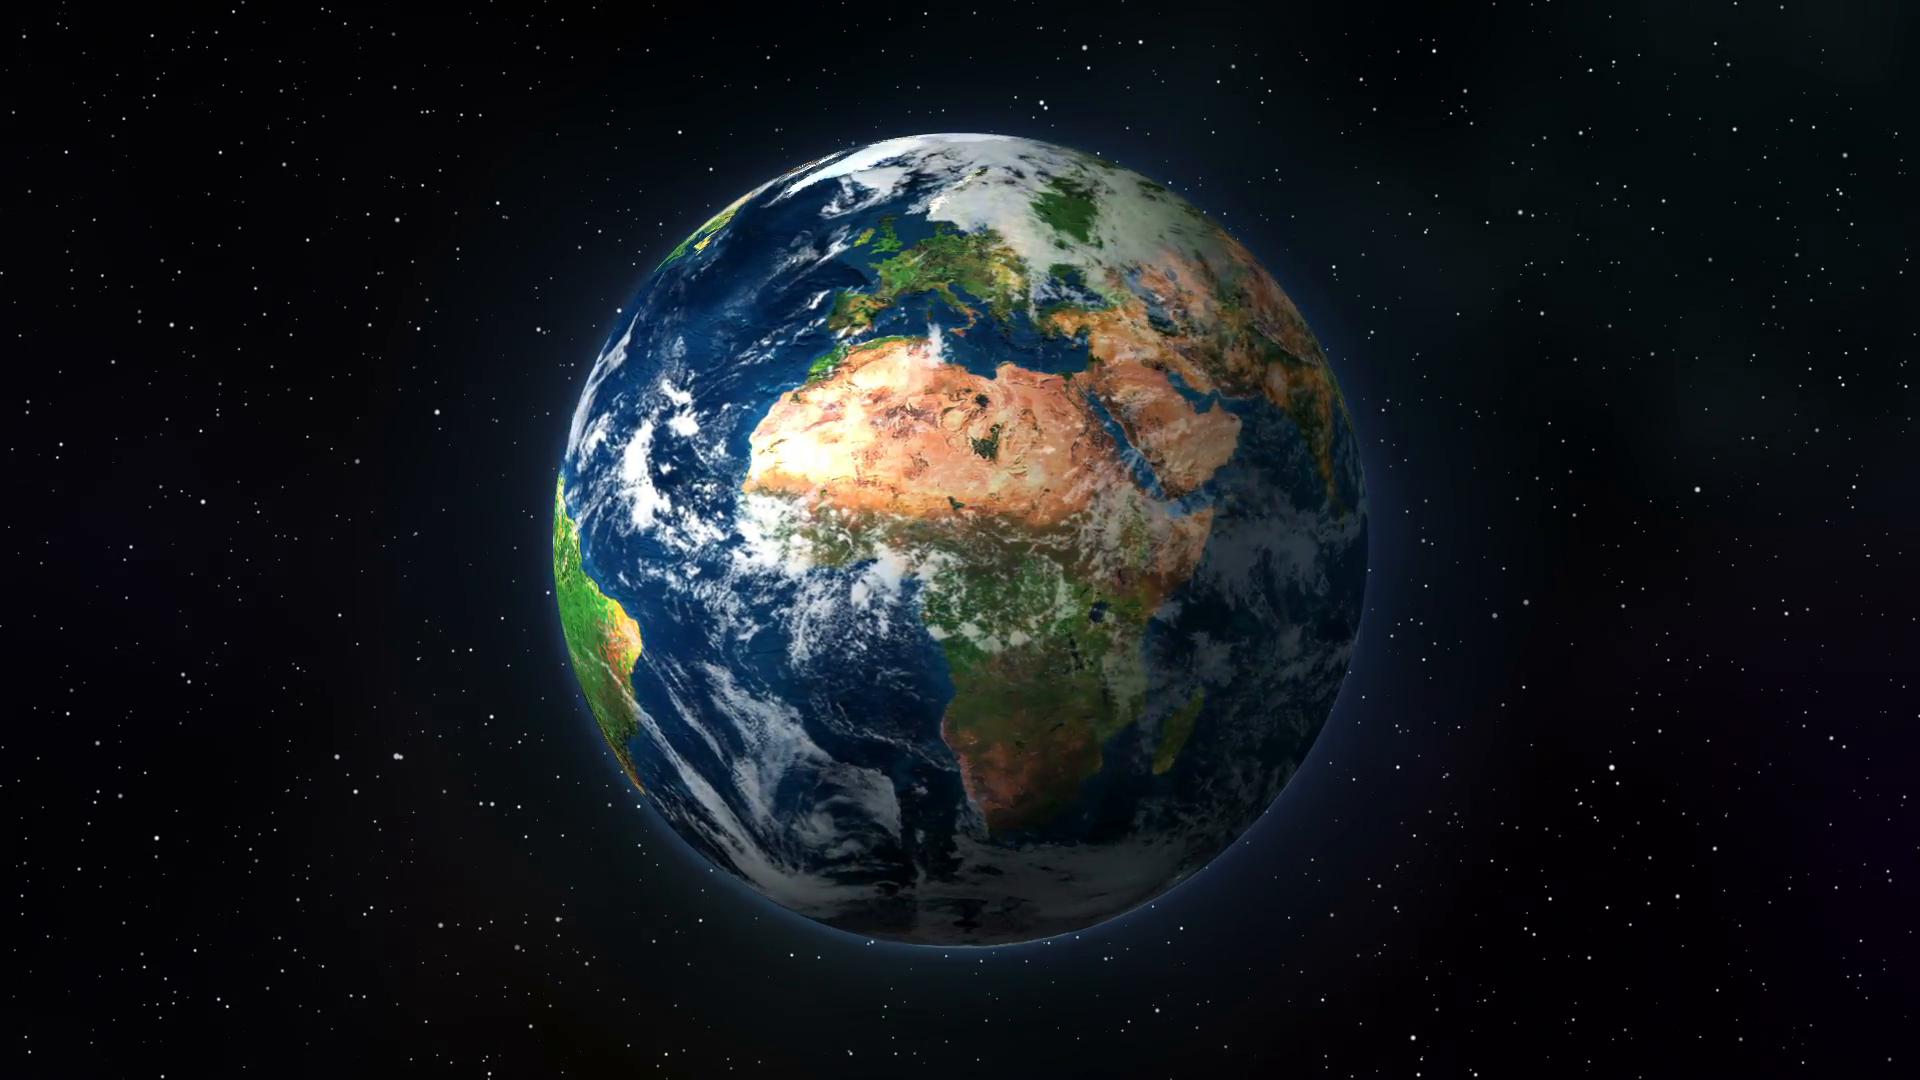 حقایقی از منظومه شمسی که اغلب از آن بی اطلاع هستند